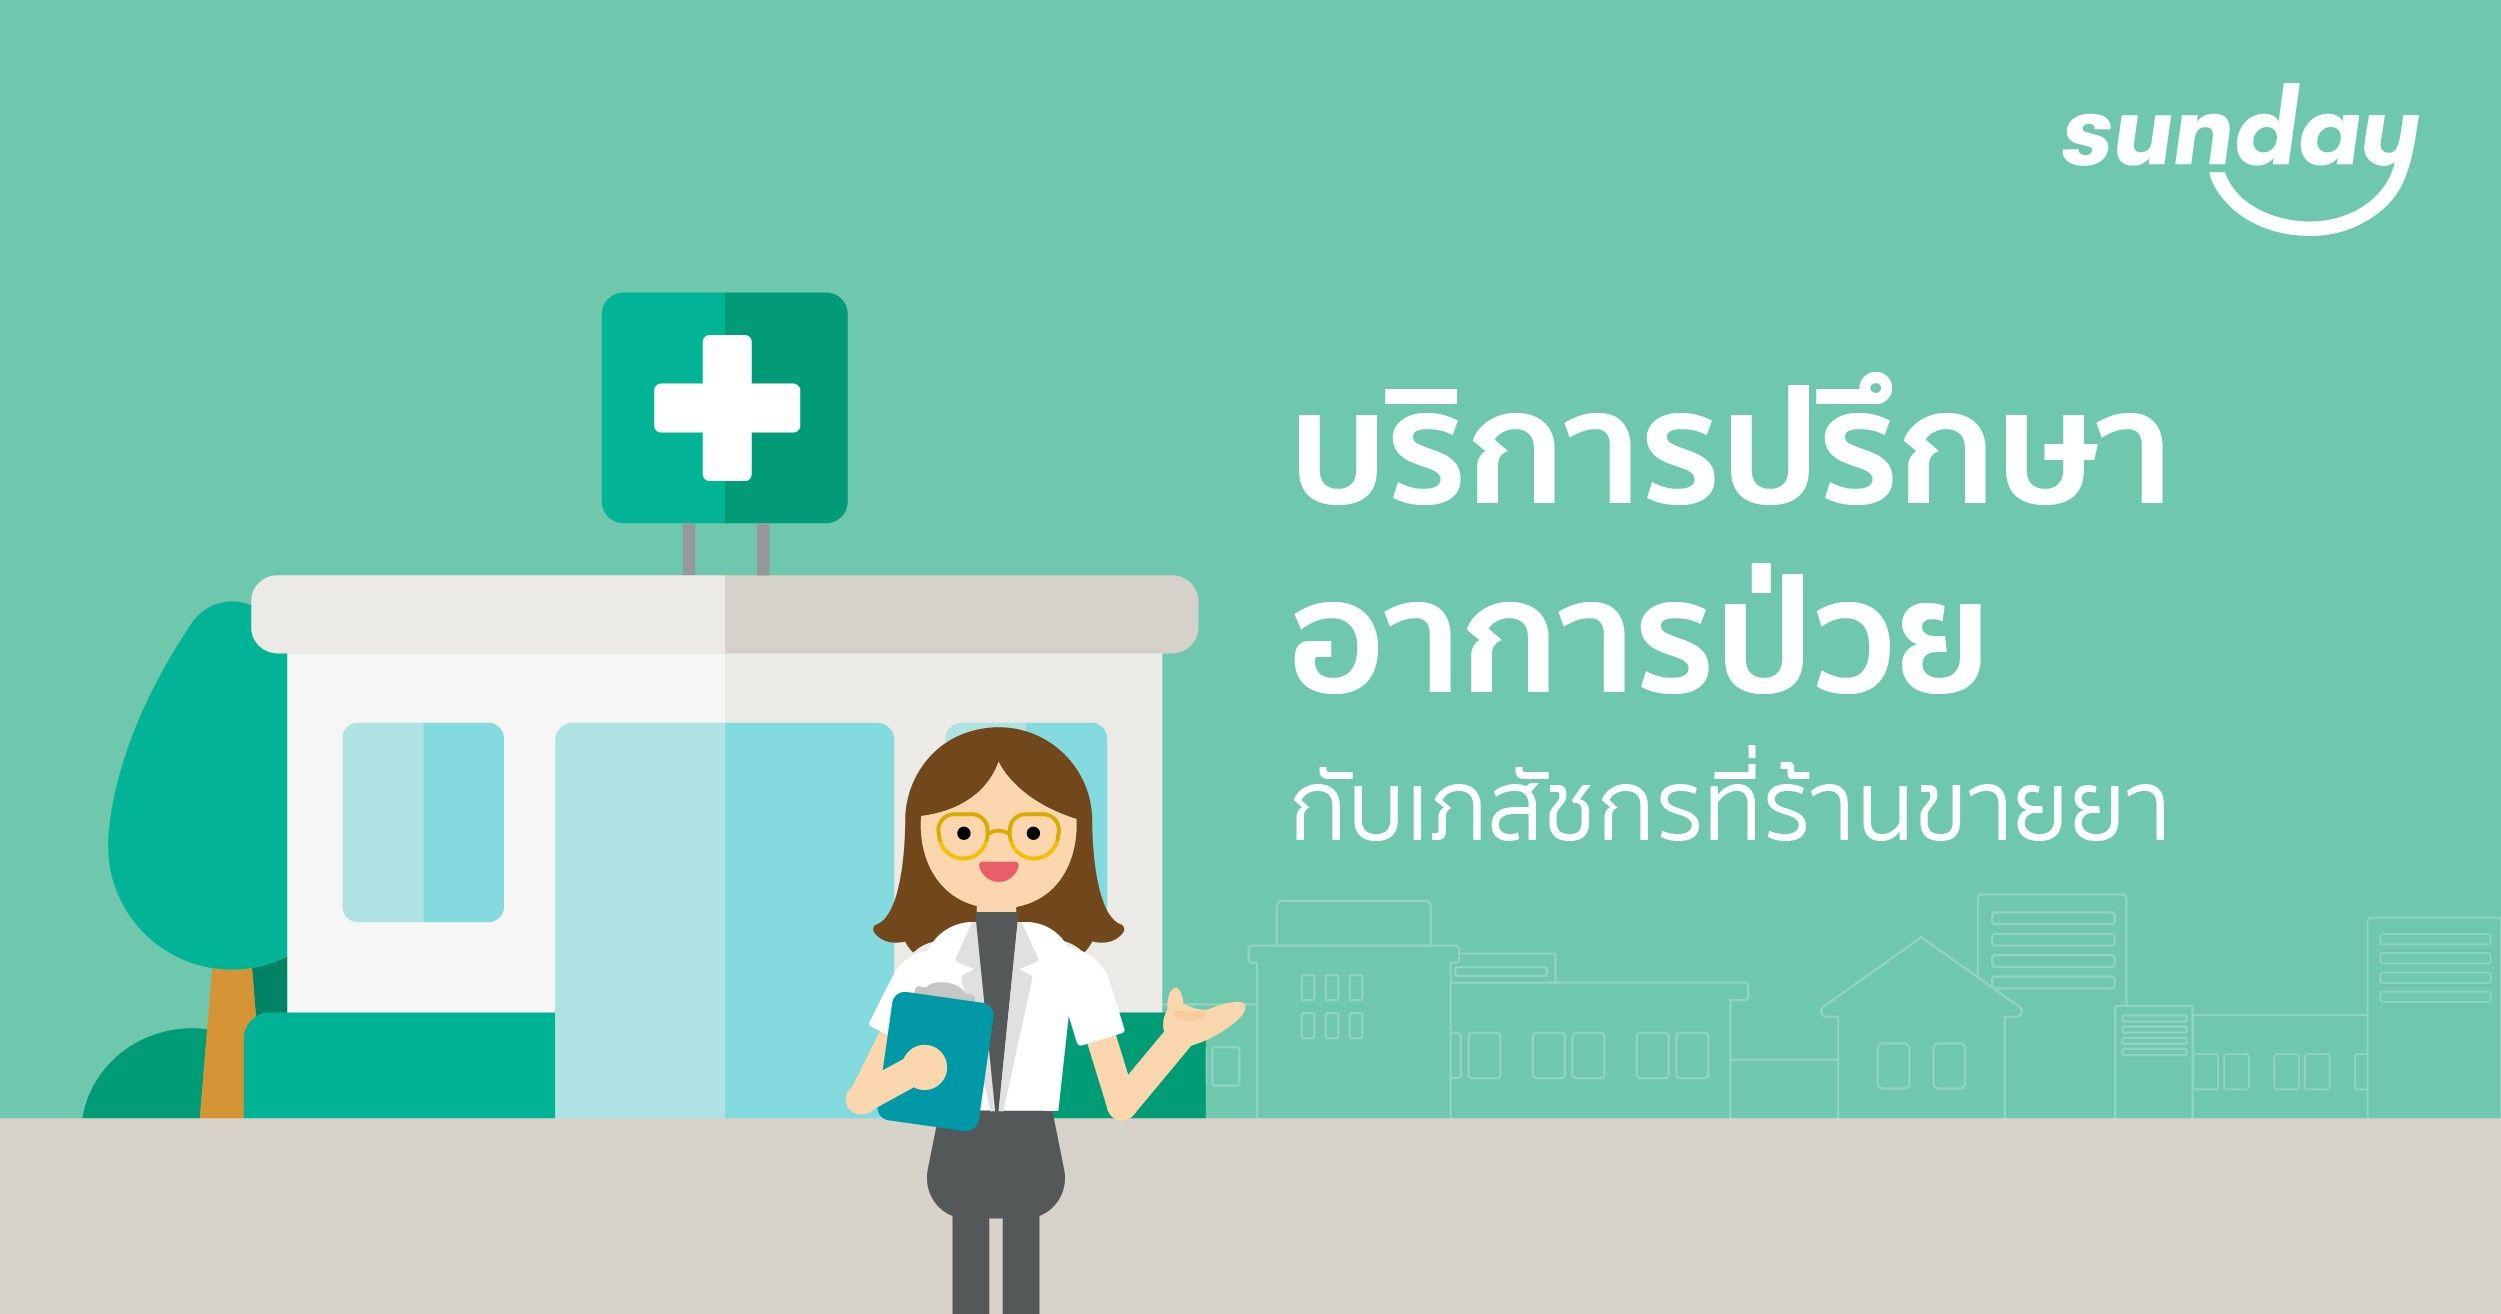 บริการปรึกษาอาการป่วยกับเภสัชกรที่ร้านขายยา คืออะไร?